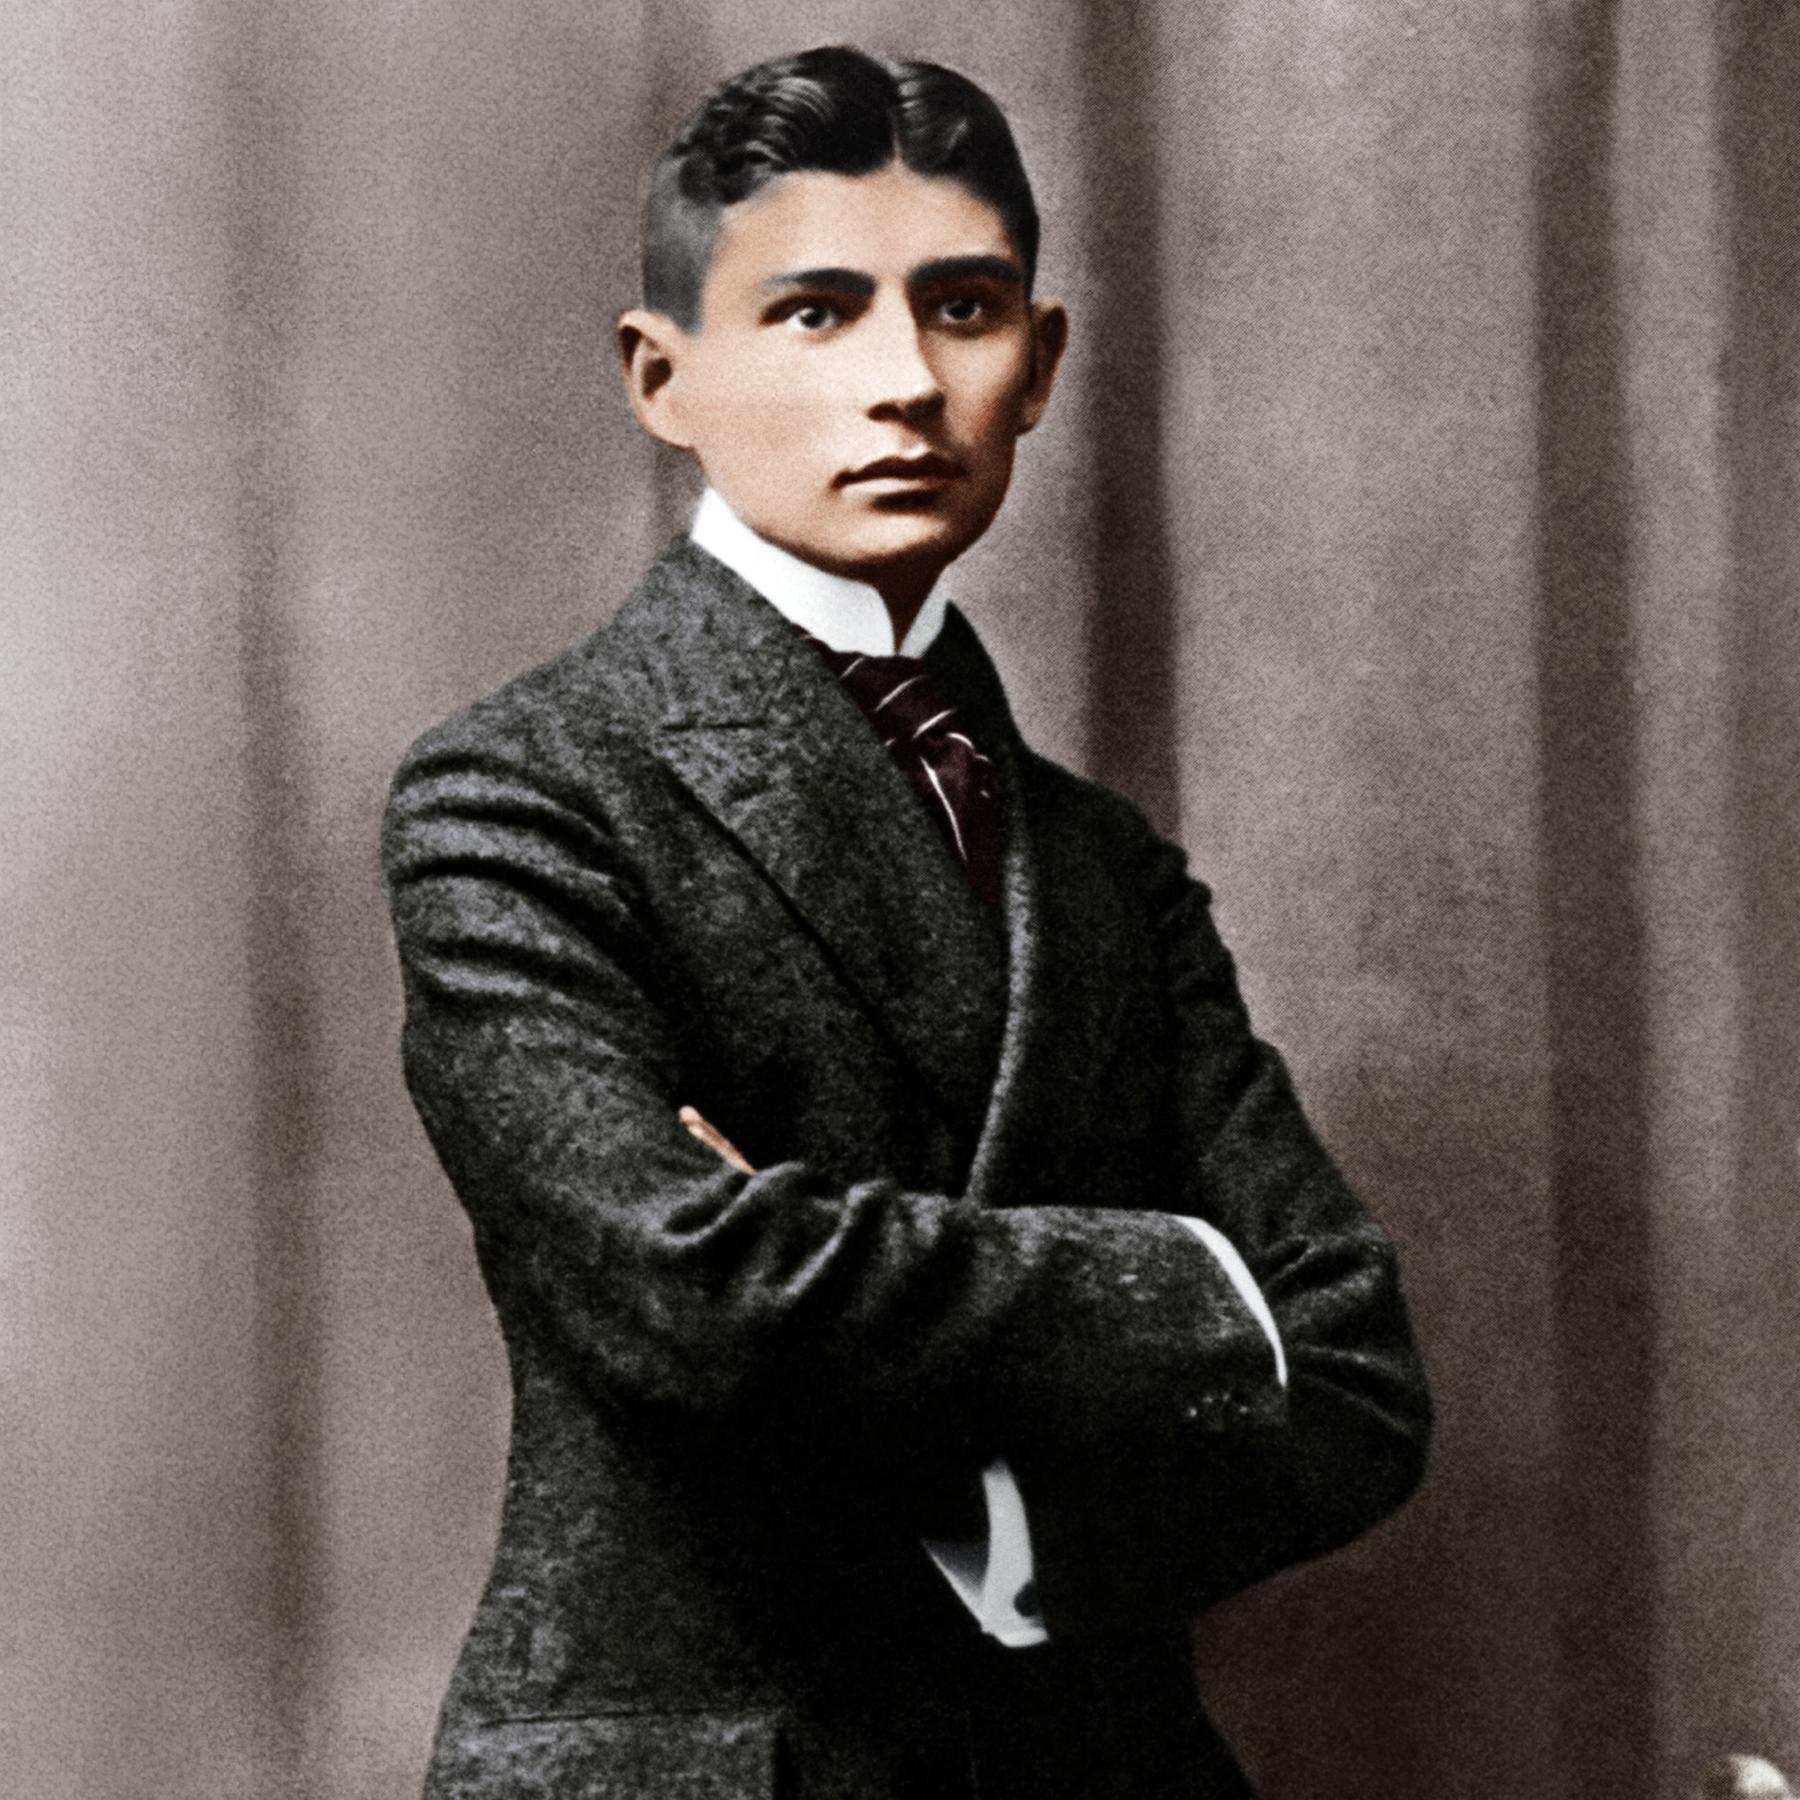 Das Schloß - Kafkas rätselhafte Seelenlandschaft